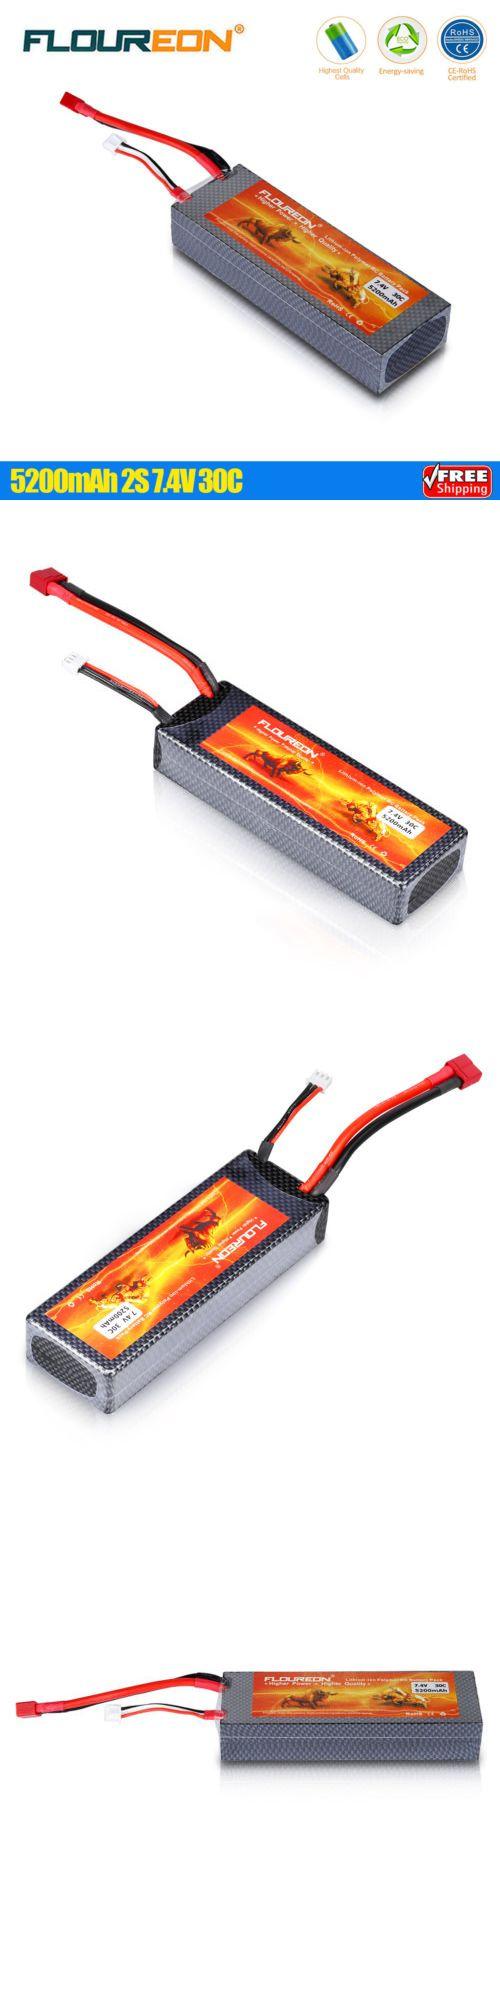 Batteries 40700: 5200Mah 2S 7.4V 30C Lipo Battery Pack T